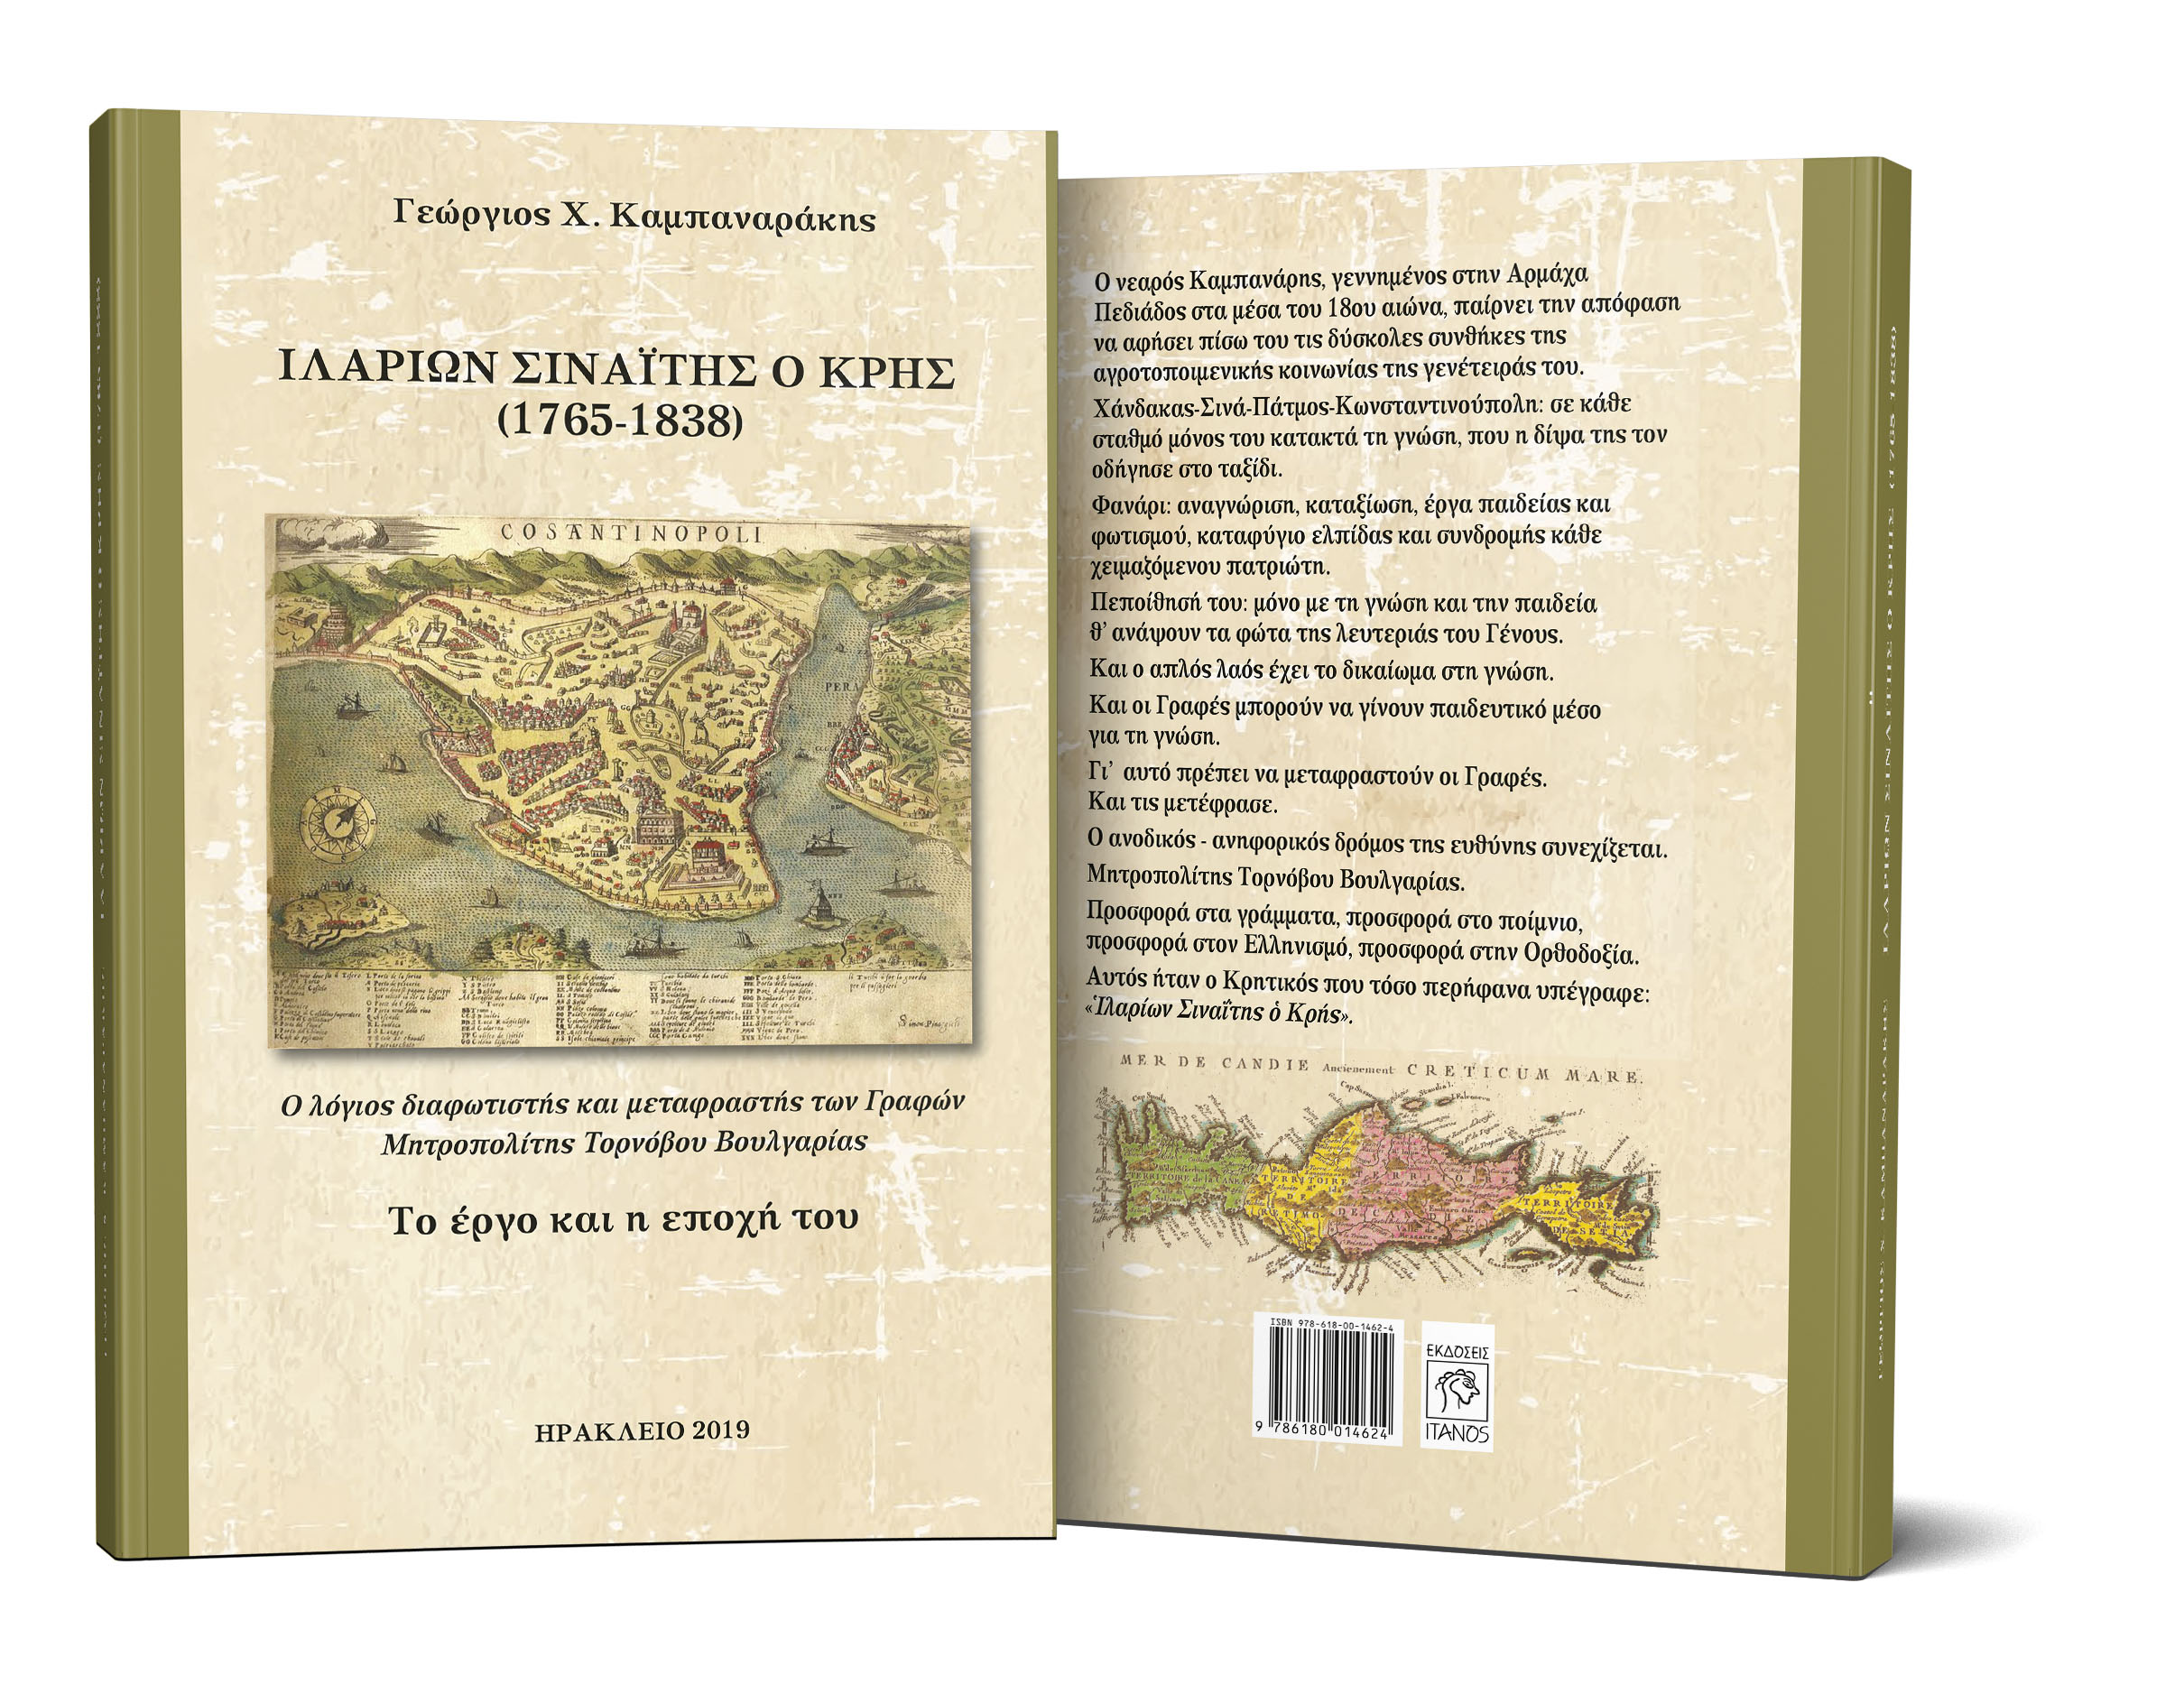 ΙΛΑΡΙΩΝ ΣΙΝΑΪΤΗΣ Ο ΚΡΗΣ  (1765-1838)